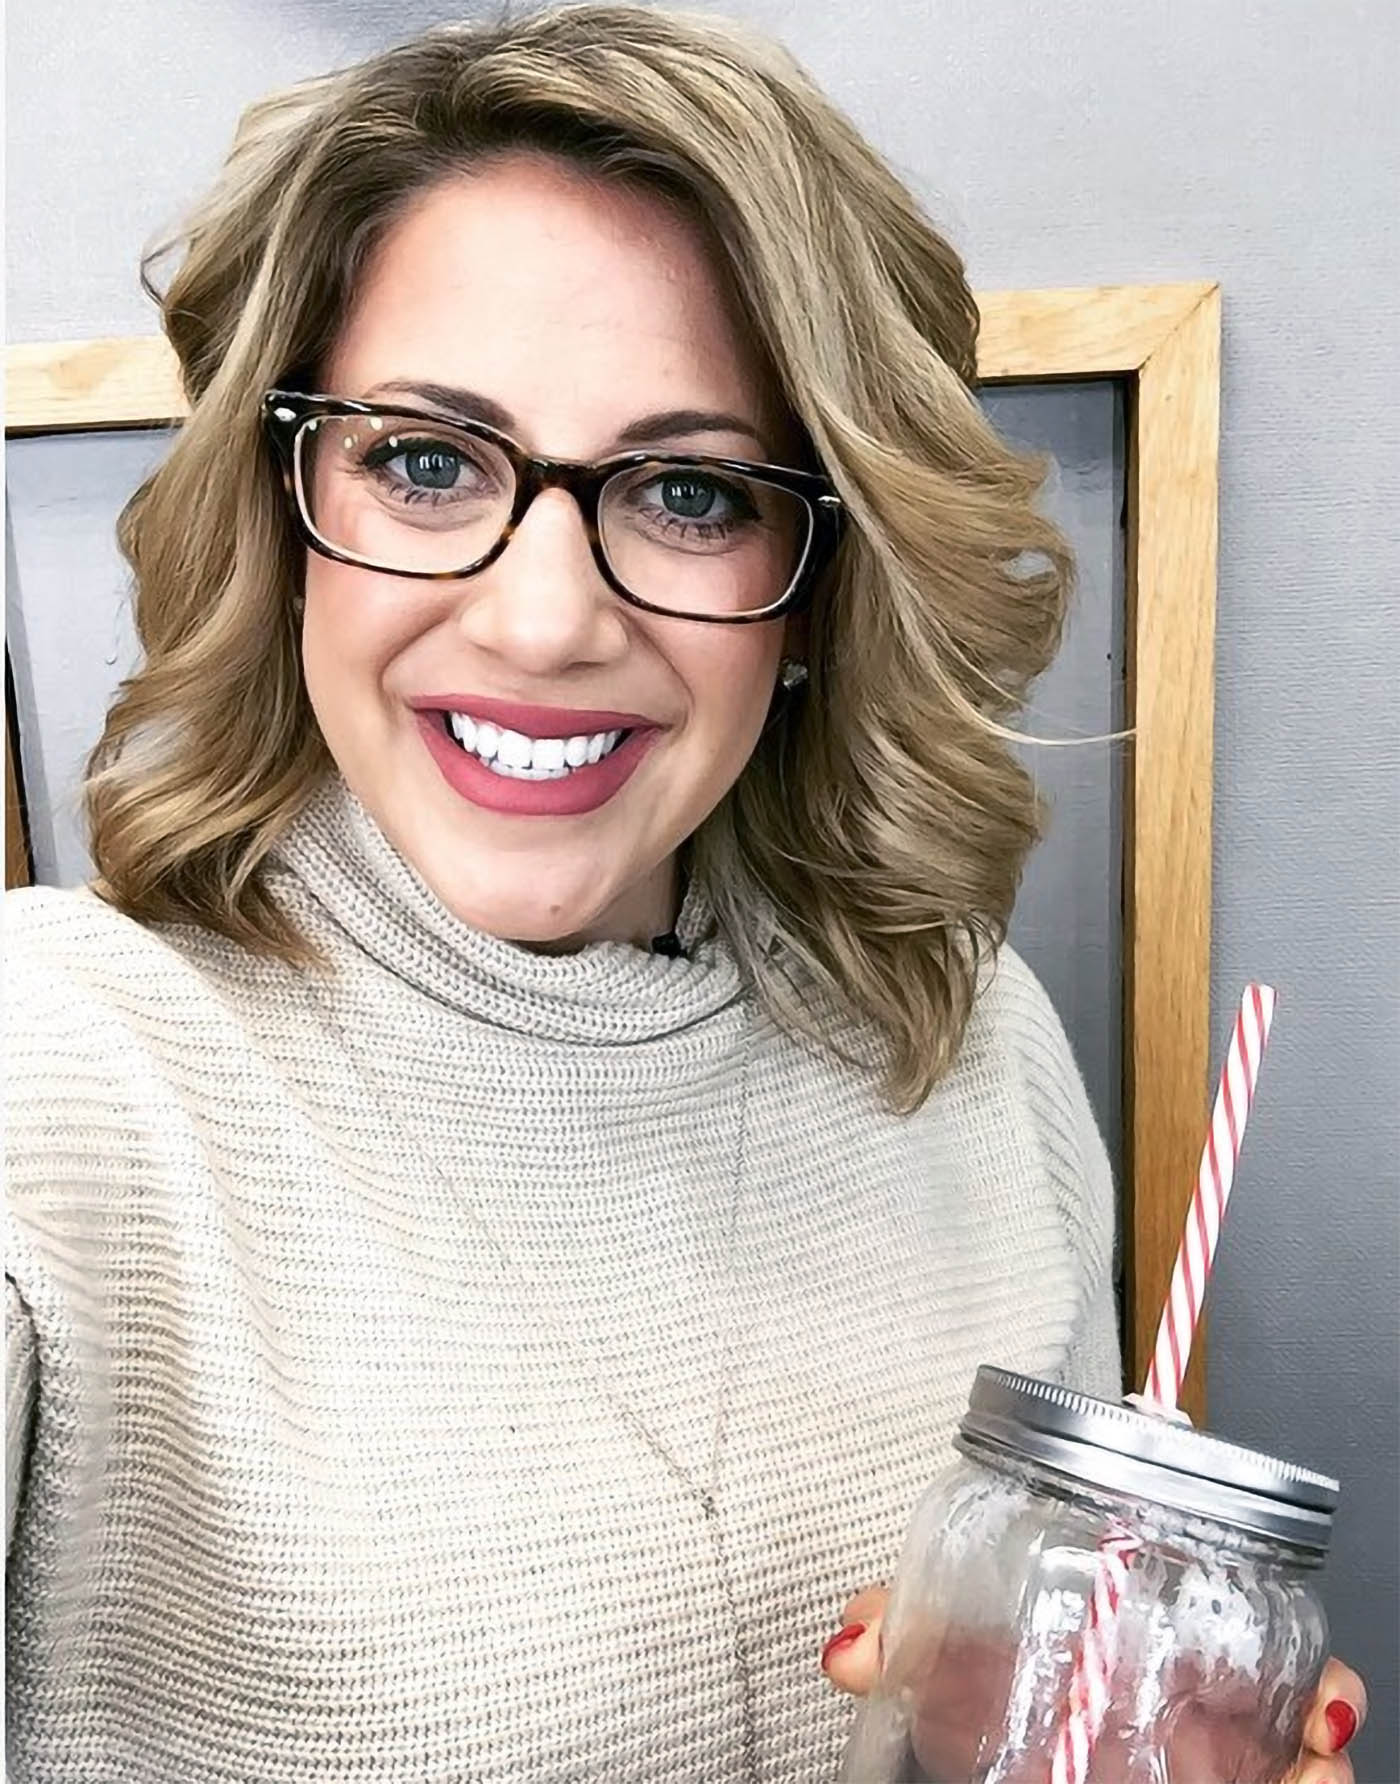 Samantha LaRocca